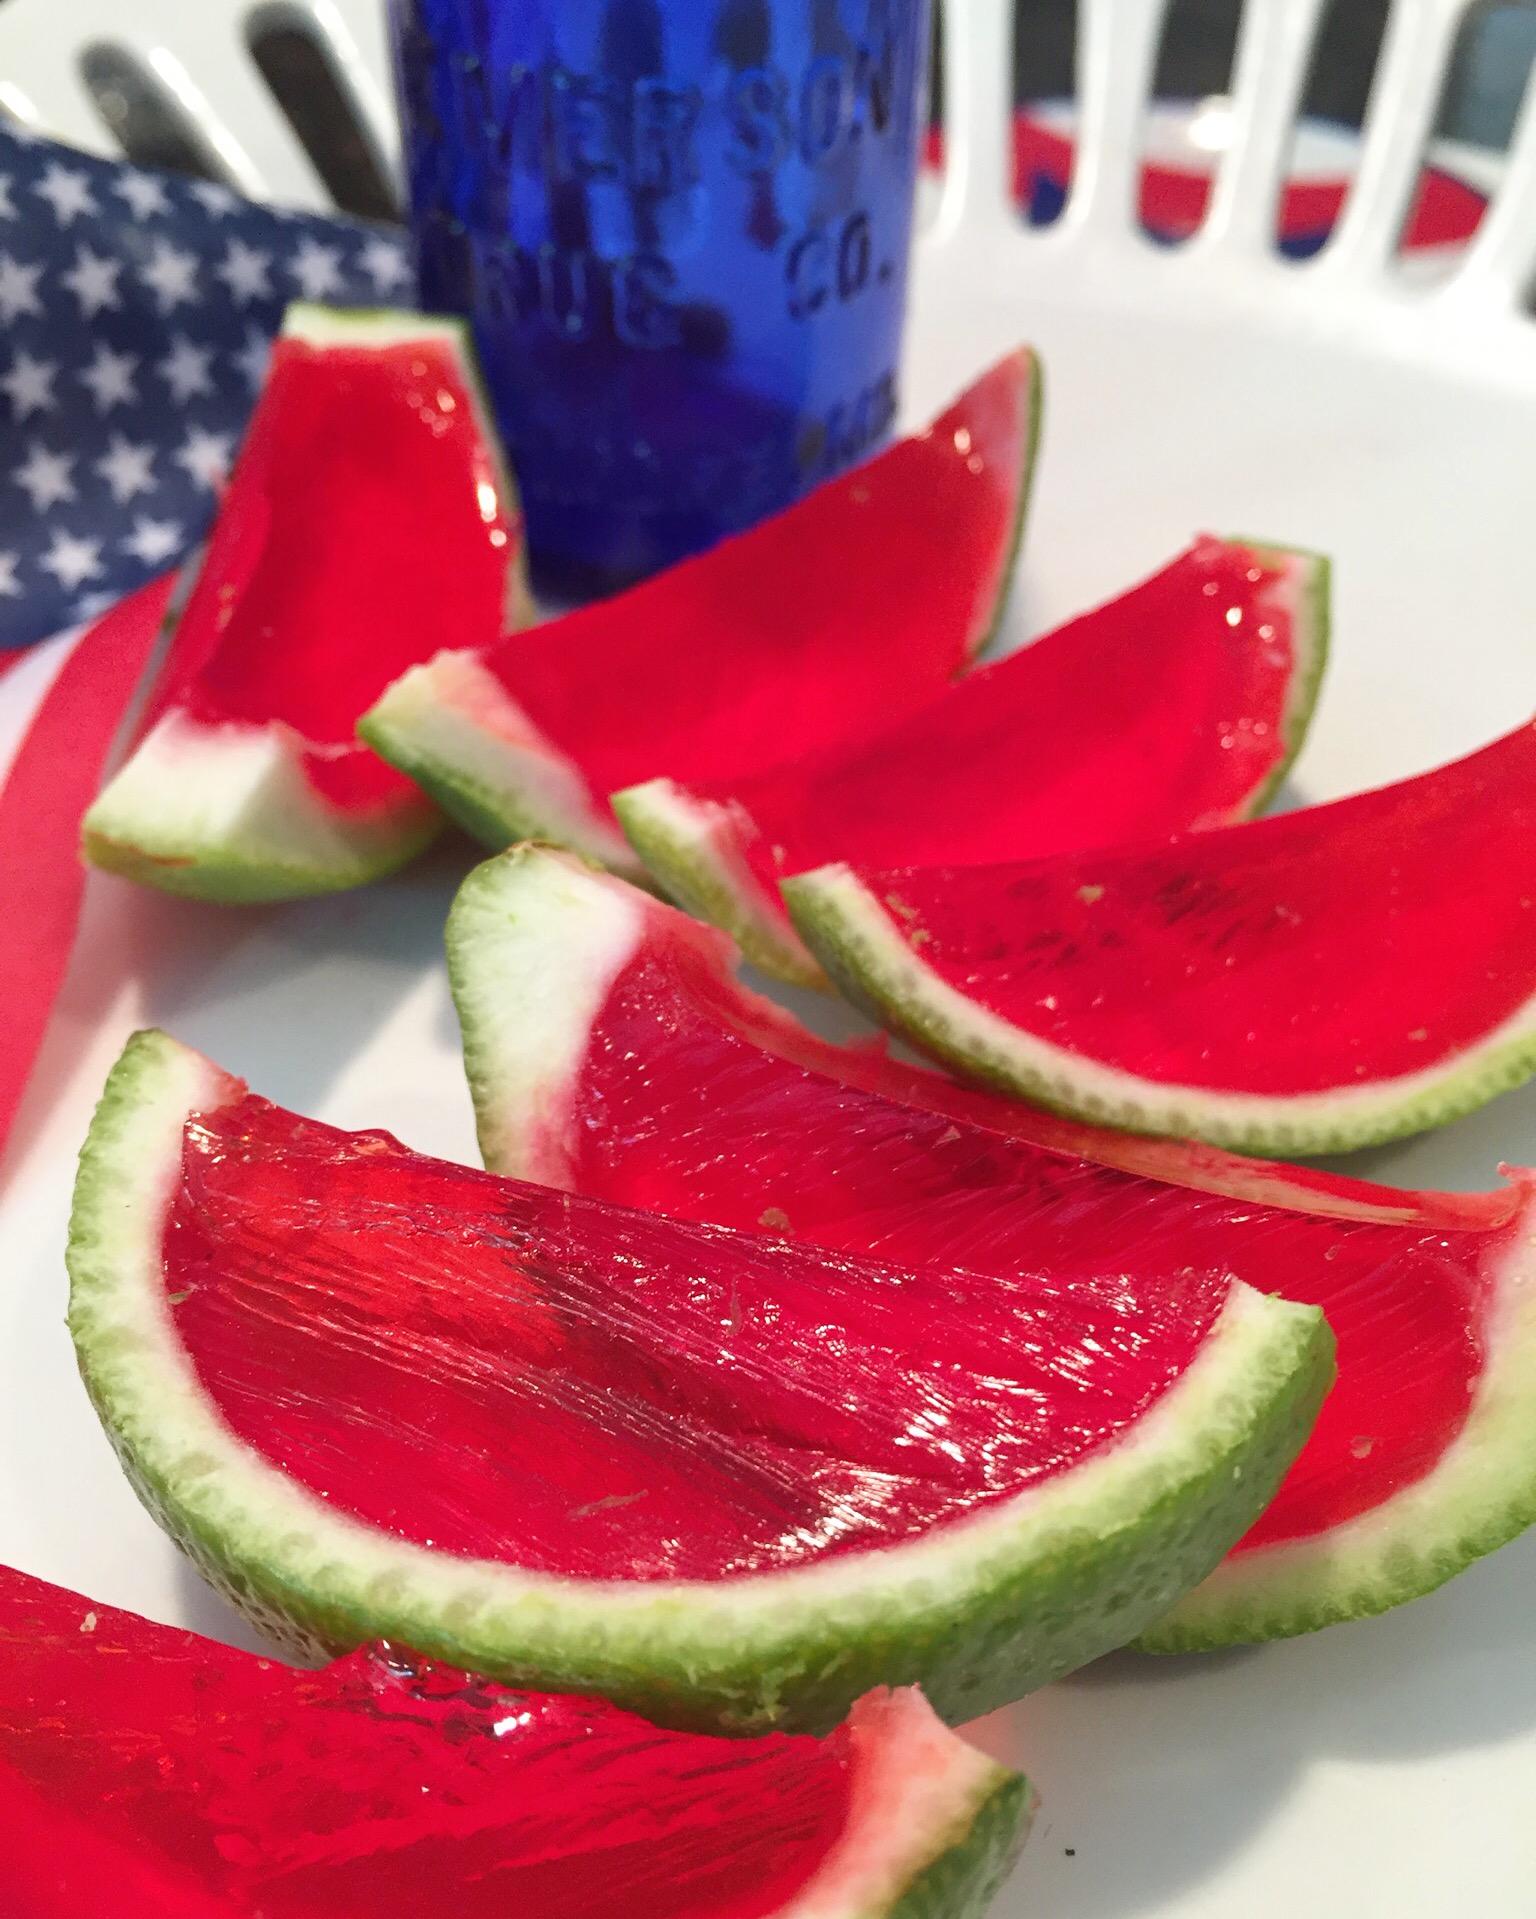 watermelon jello slices in limes